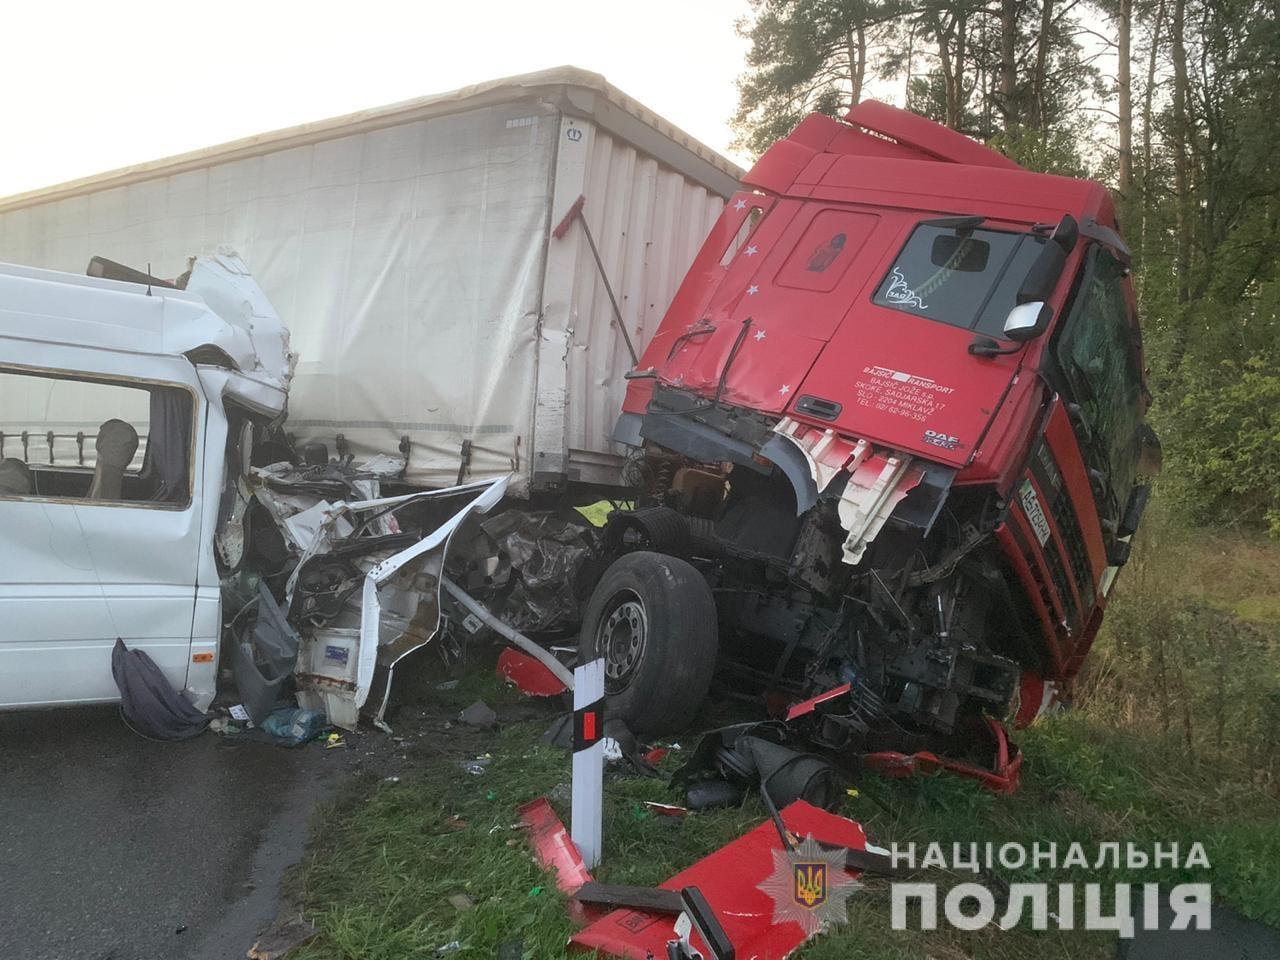 Водію, який спричинив смертельну ДТП на Бориспільщині загрожує 10 років в'язниці - судове засідання, автомобіль, Аварія - 148075266 3738181782903633 1885816196266280442 o